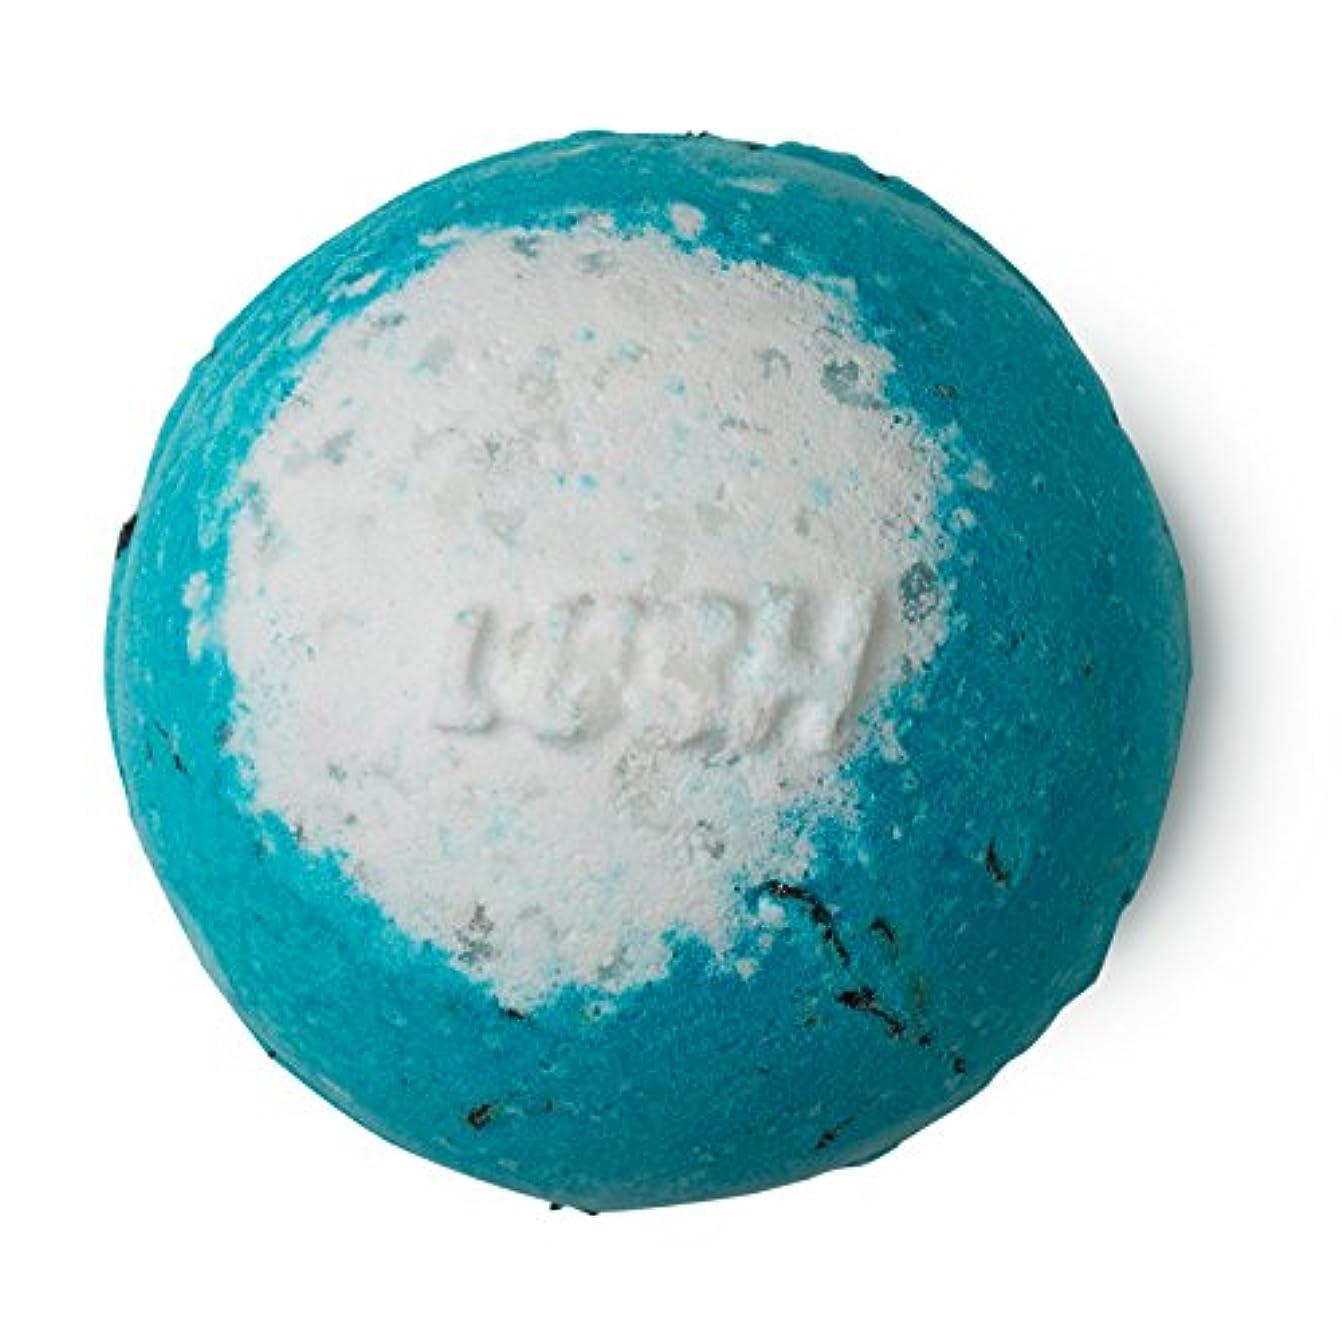 弁護消費処分したLUSH ラッシュ RUSHラッシュ 200g バスボム 浴用 シーソルト 入浴剤 ラベンダーオイル 入浴剤 ギフト